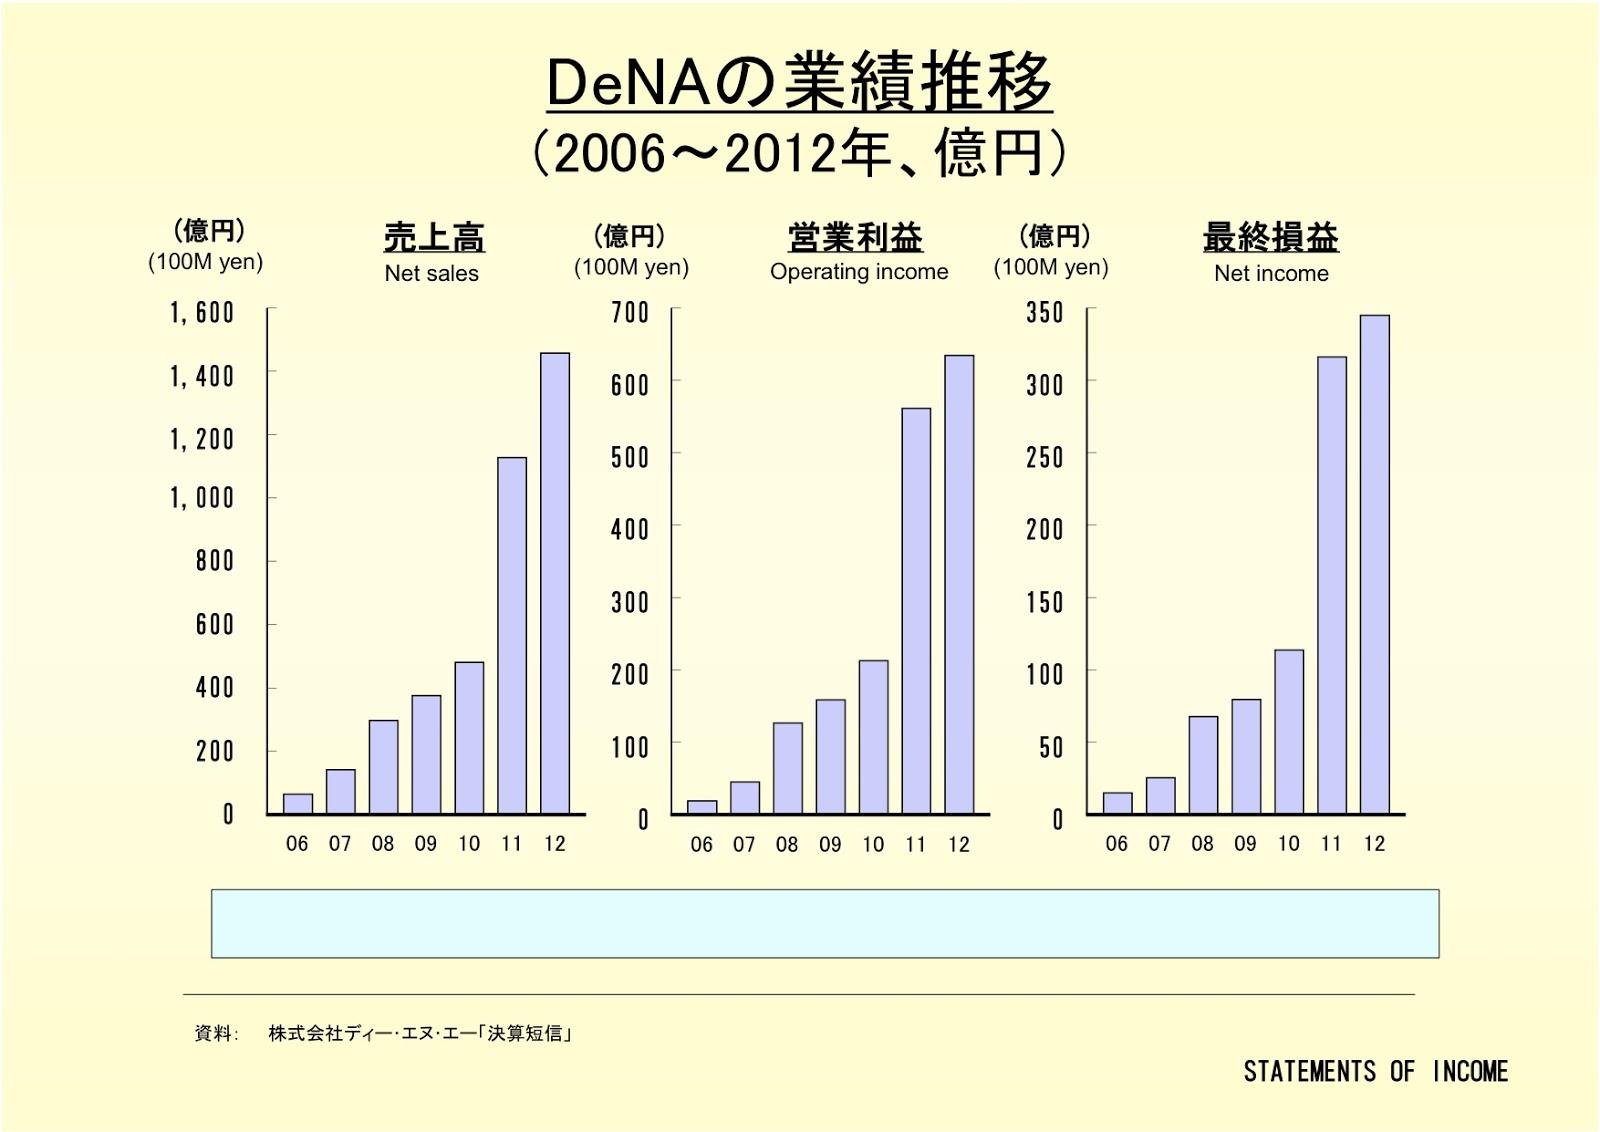 株式会社DeNAの業績推移